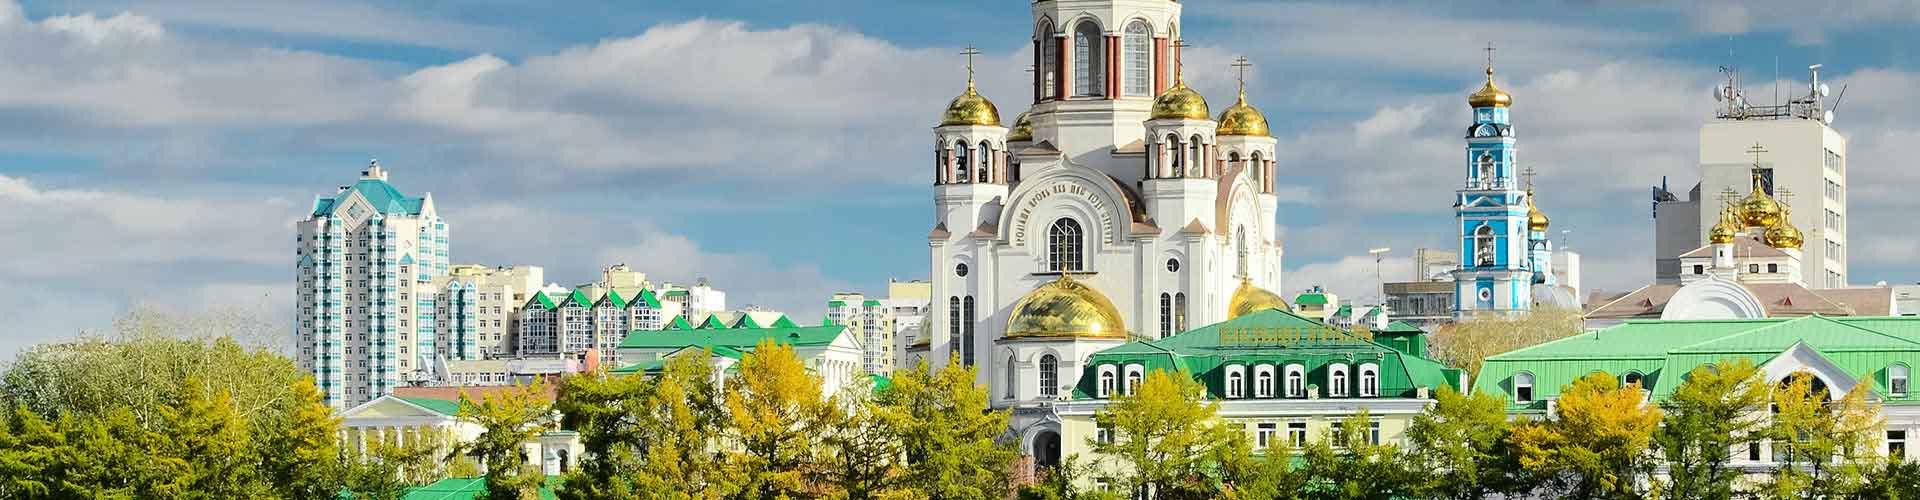 叶卡捷琳堡 – 叶卡捷琳堡的宾馆。叶卡捷琳堡地图,叶卡捷琳堡每间宾馆的照片和评价。